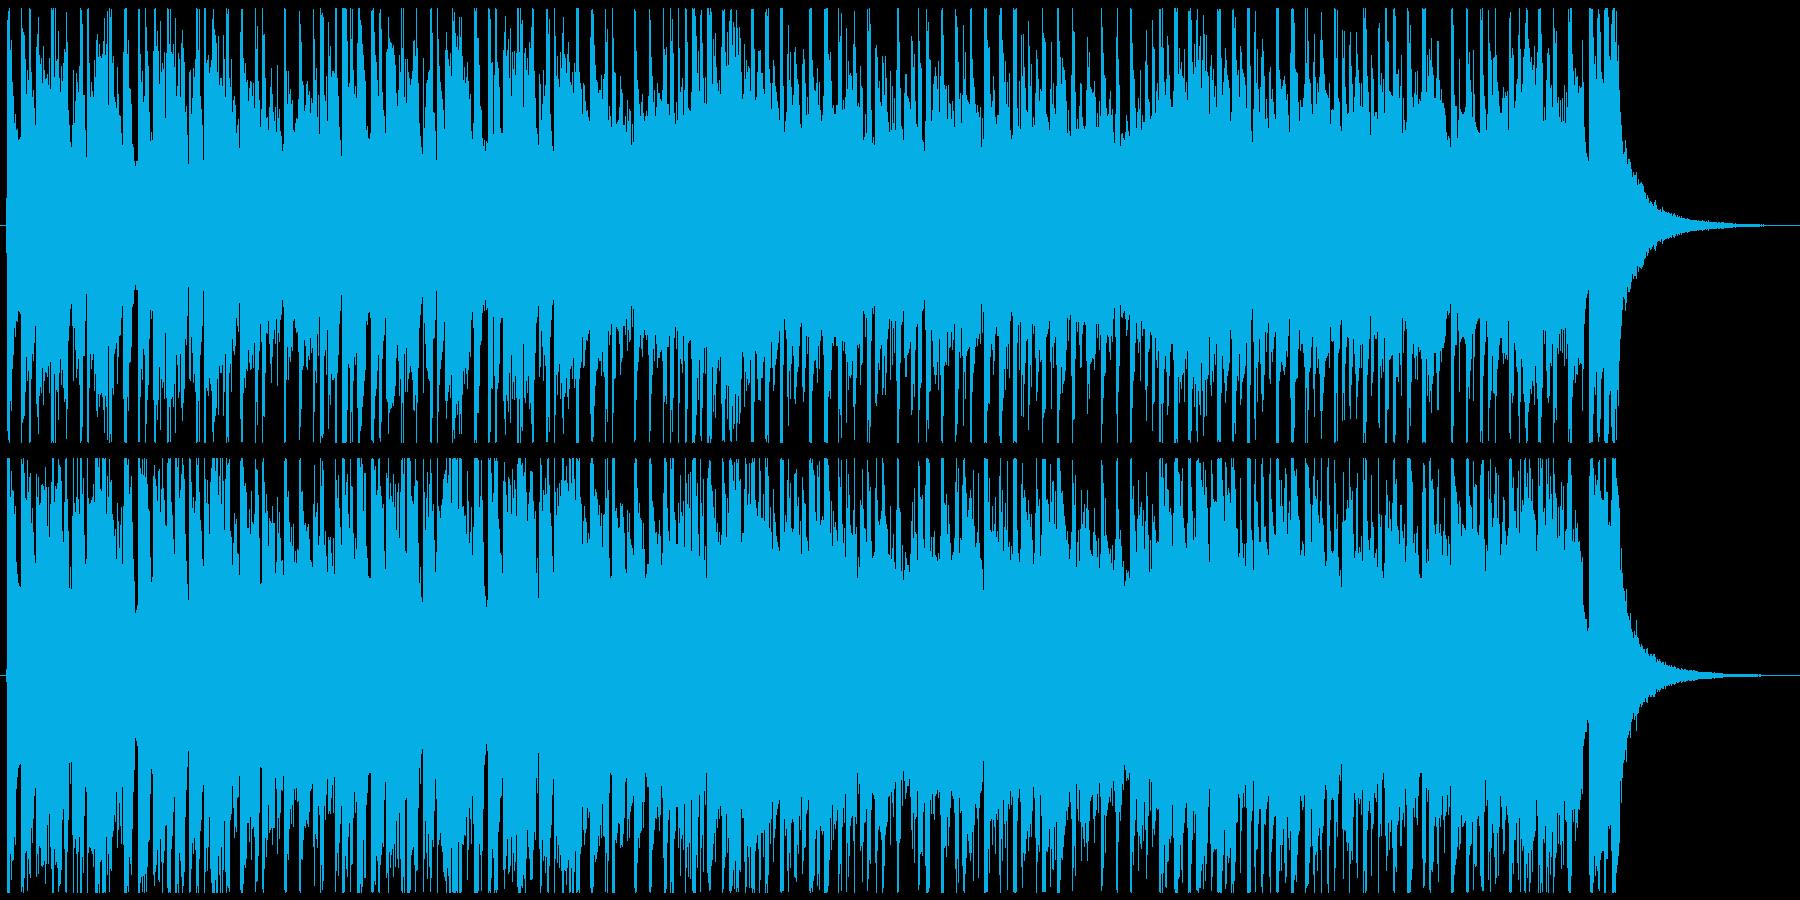 ハッピー&コミカルな曲の再生済みの波形